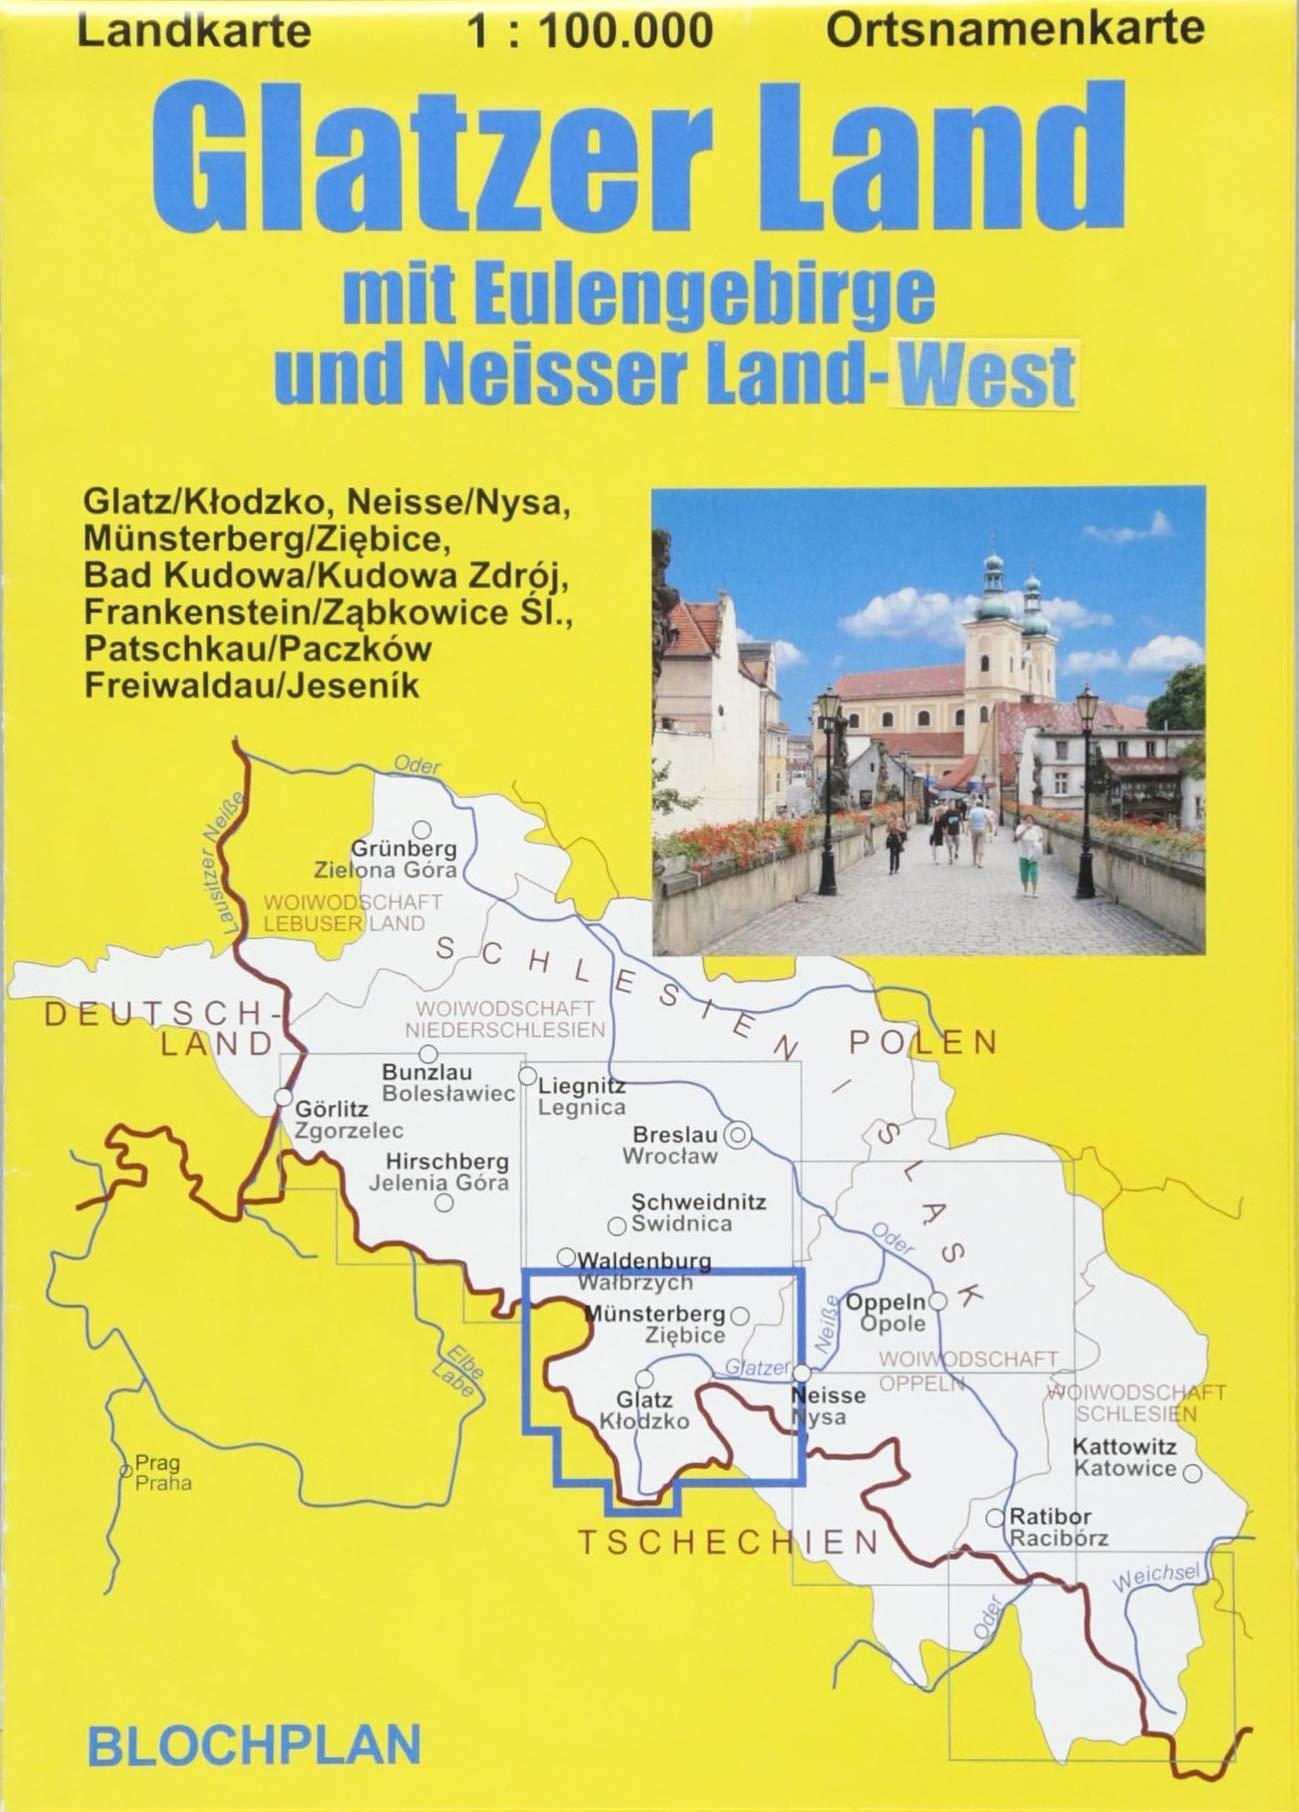 Schlesien Karte Heute.Landkarte Glatzer Land Mit Eulengebirge Und Neisser Land West Im